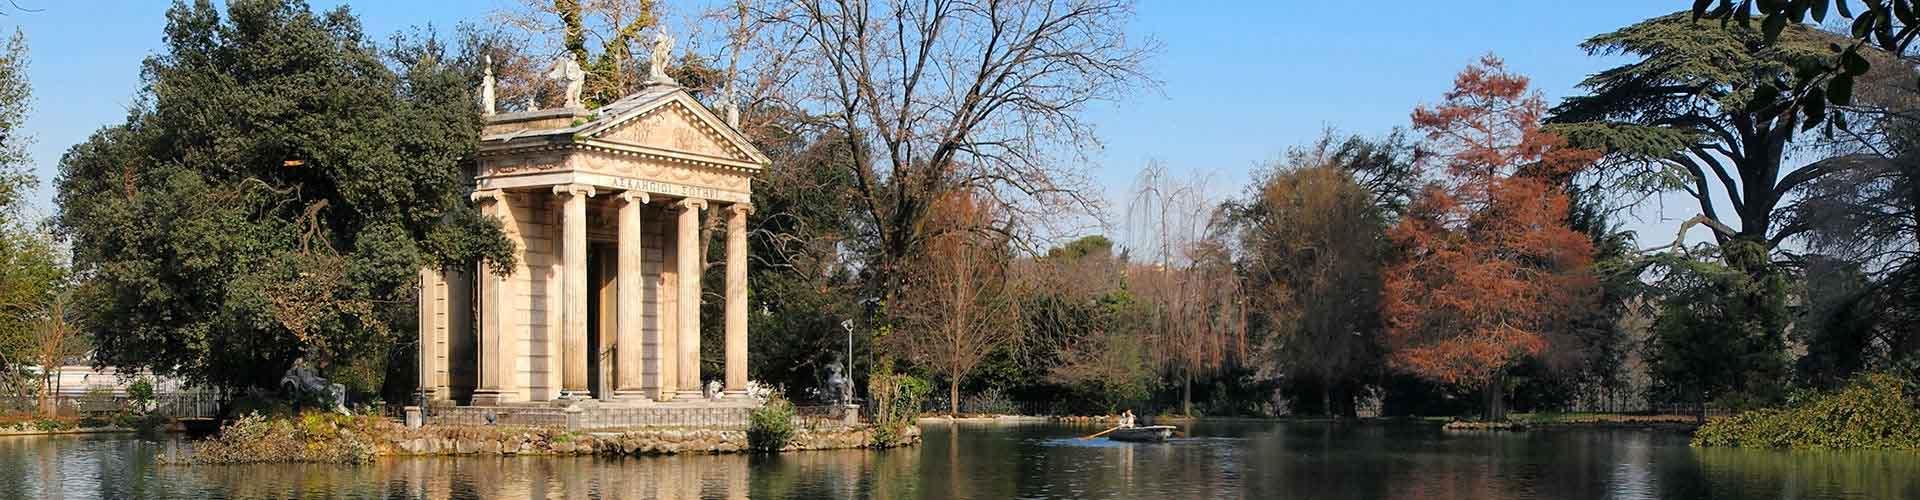 Rzym - Hostele w pobliżu: Villa Borghese. Mapy: Rzym, Zdjęcia i Recenzje dla każdego hostelu w mieście: Rzym.